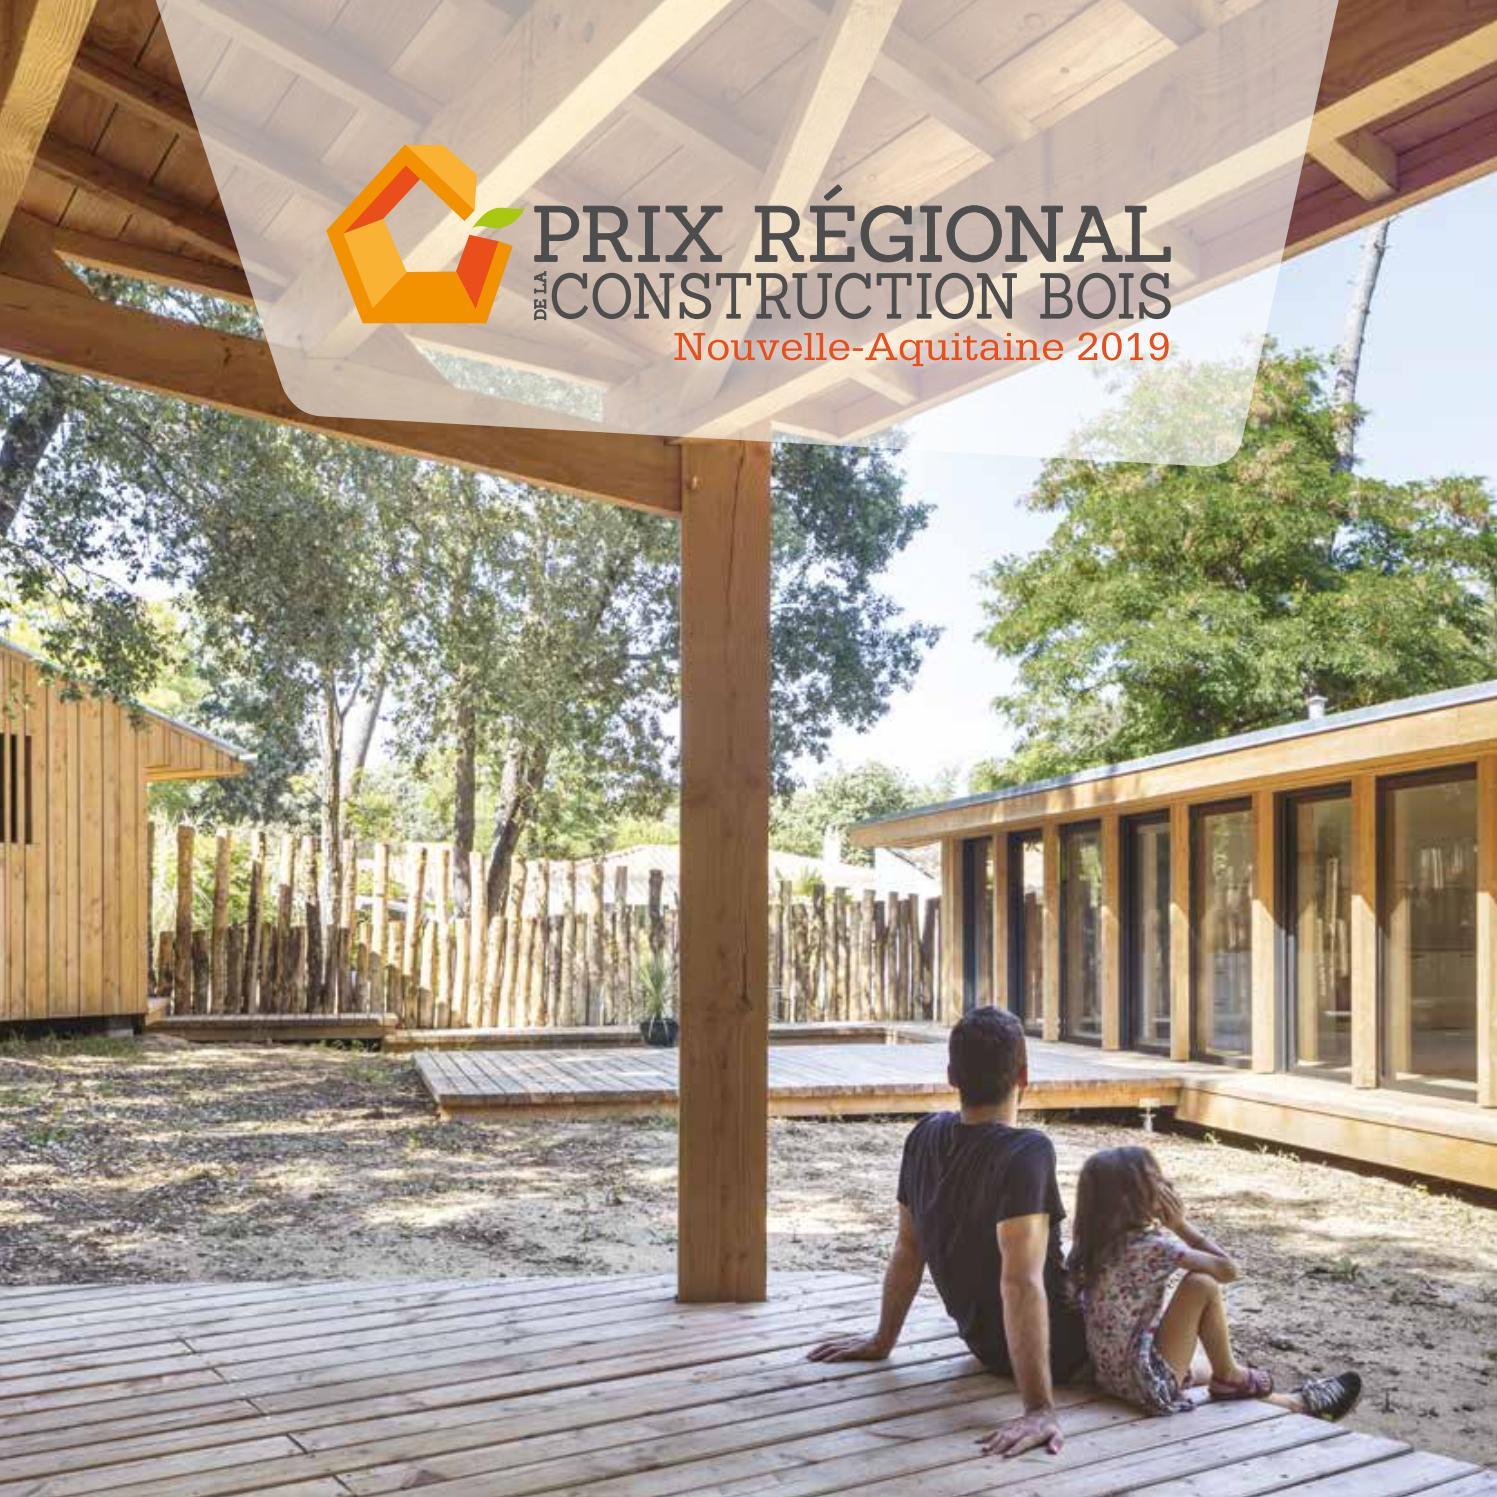 Maison Ossature Bois Suede prix régional de la construction bois nouvelle-aquitaine